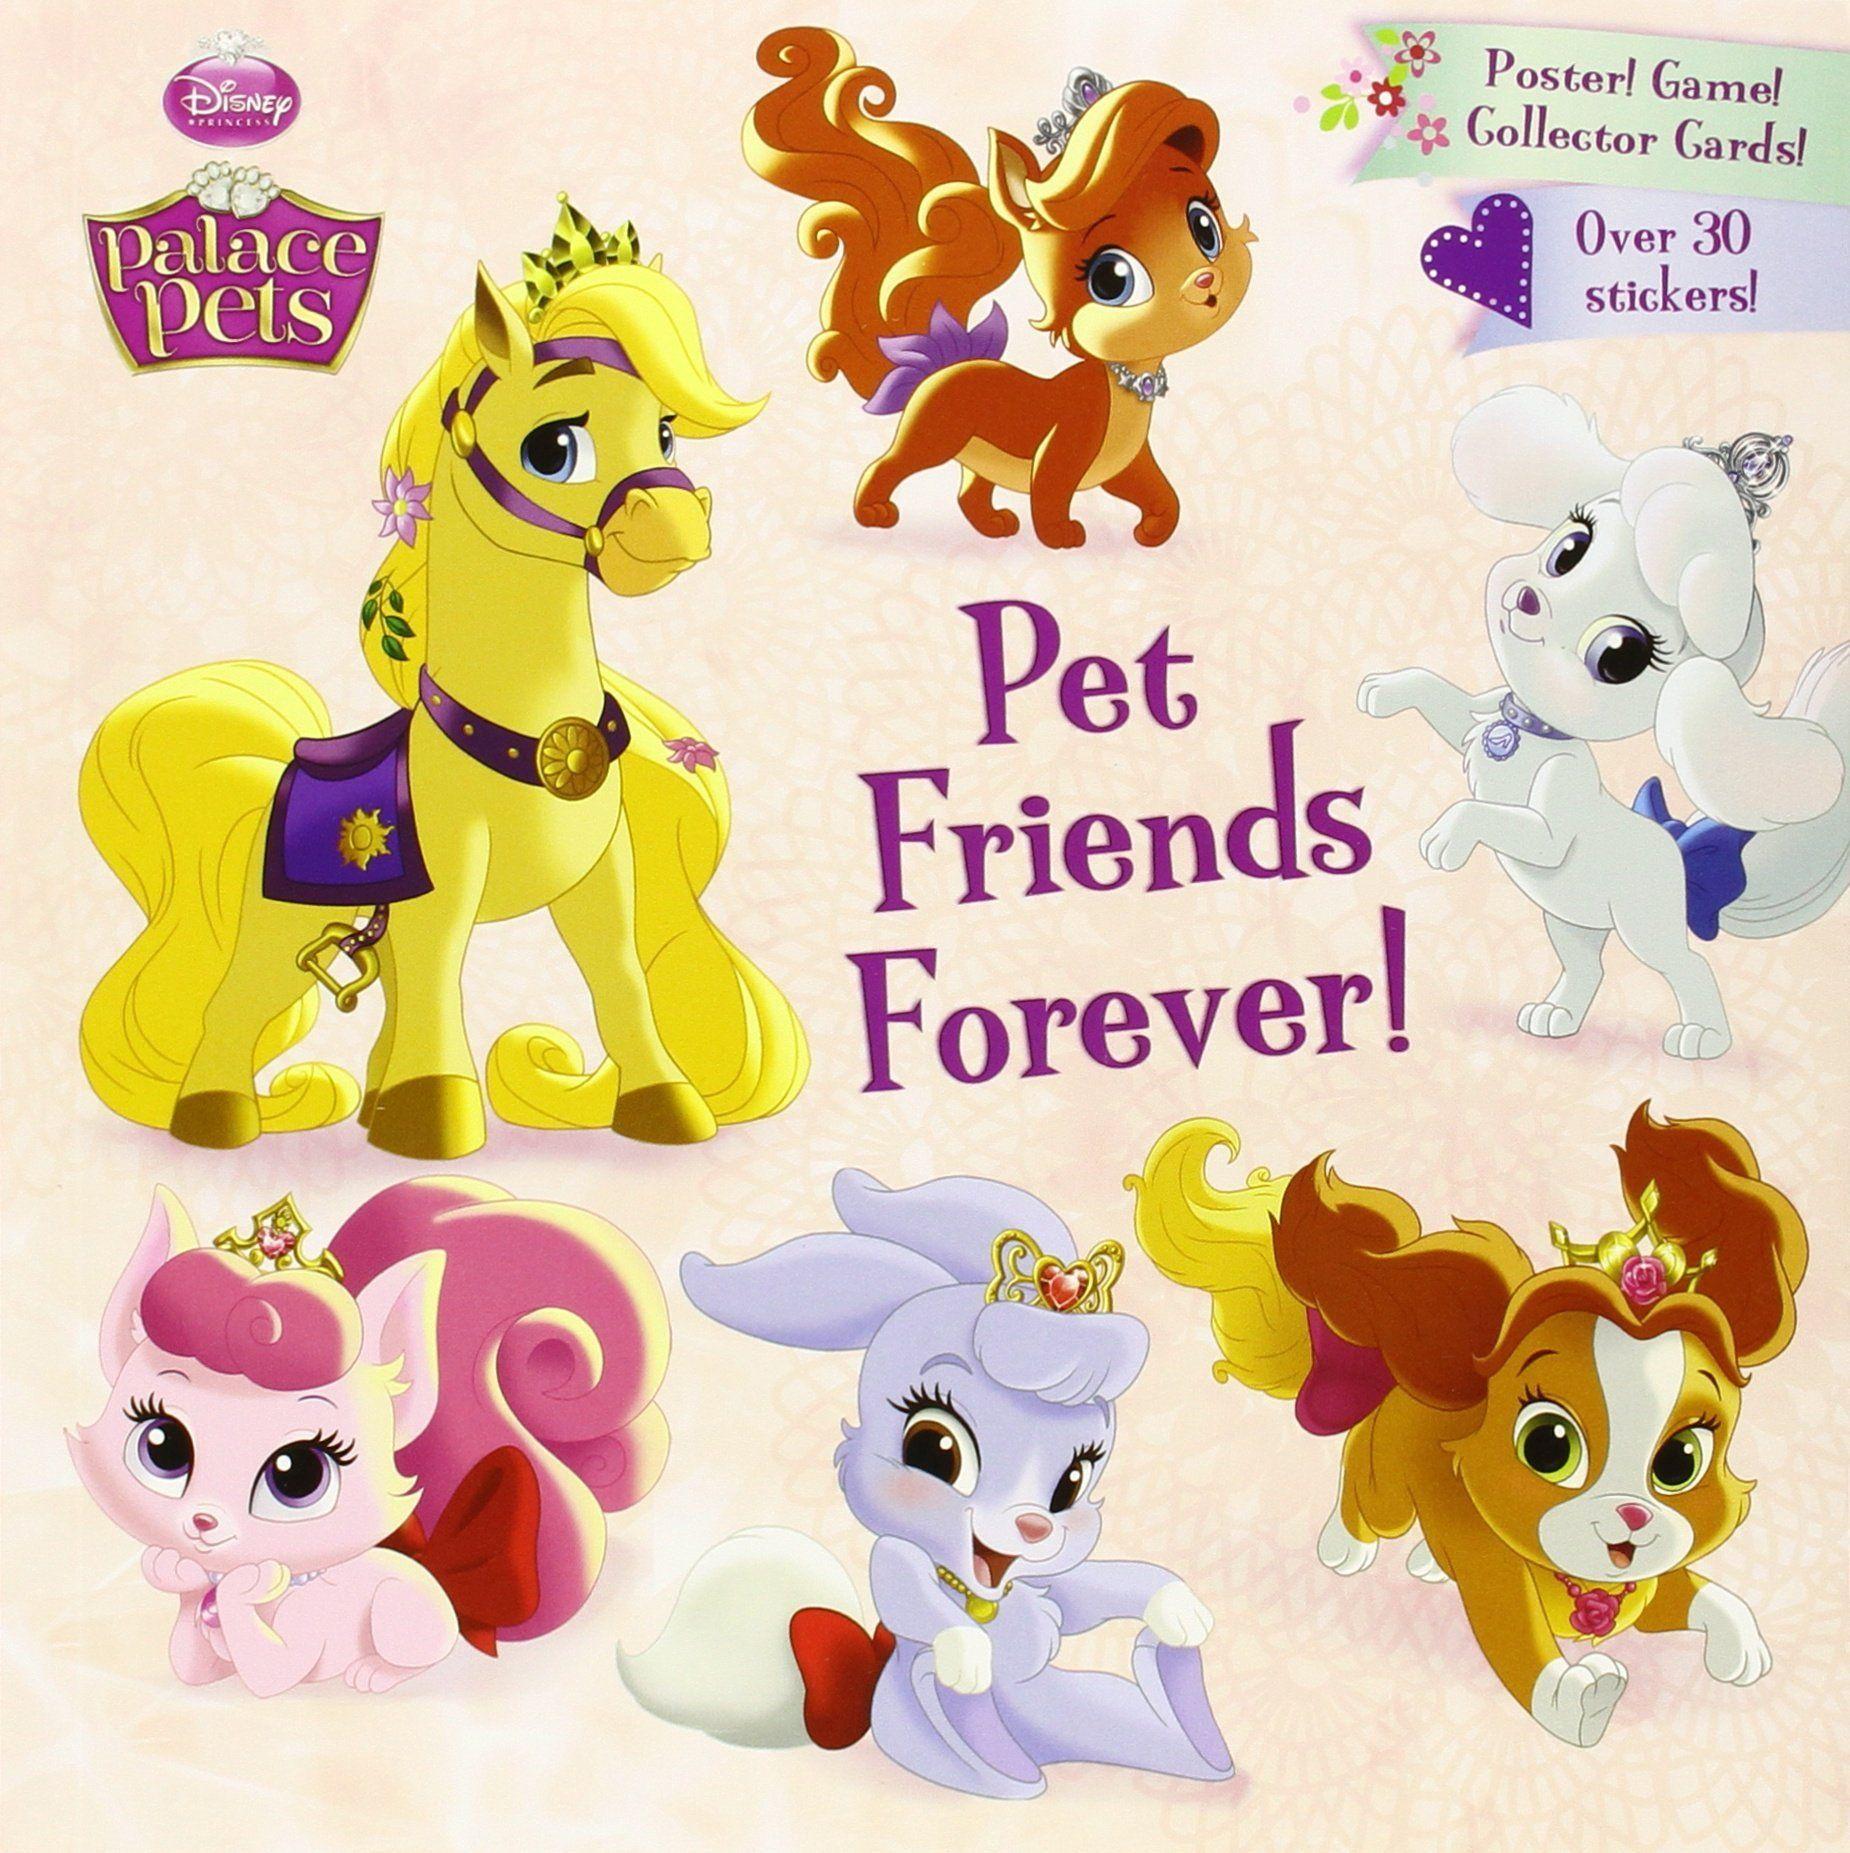 Pet Friends Forever! (Disney Princess Palace Pets